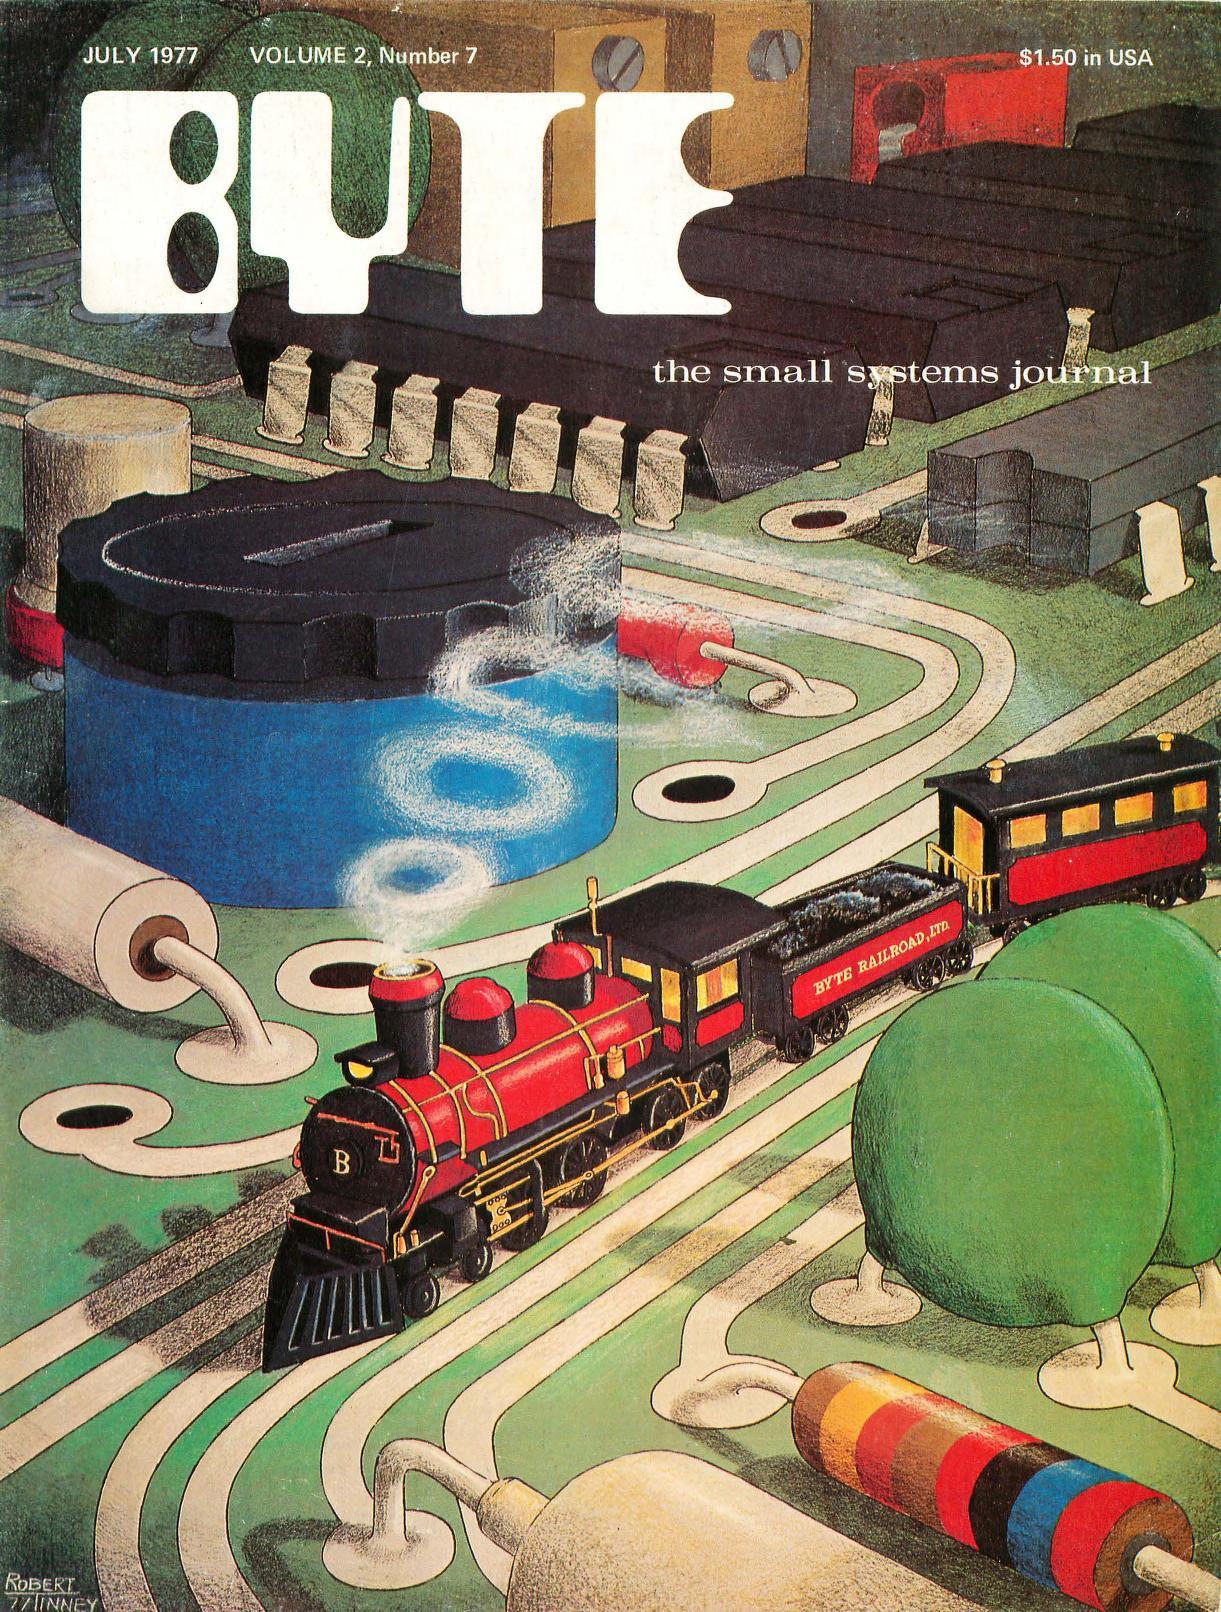 Juli 1977. Malt av Robert Tinney. Dette nummeret inkluderer blant annet en sak om hvordan man kan lage en datastyrt modelljernbane.